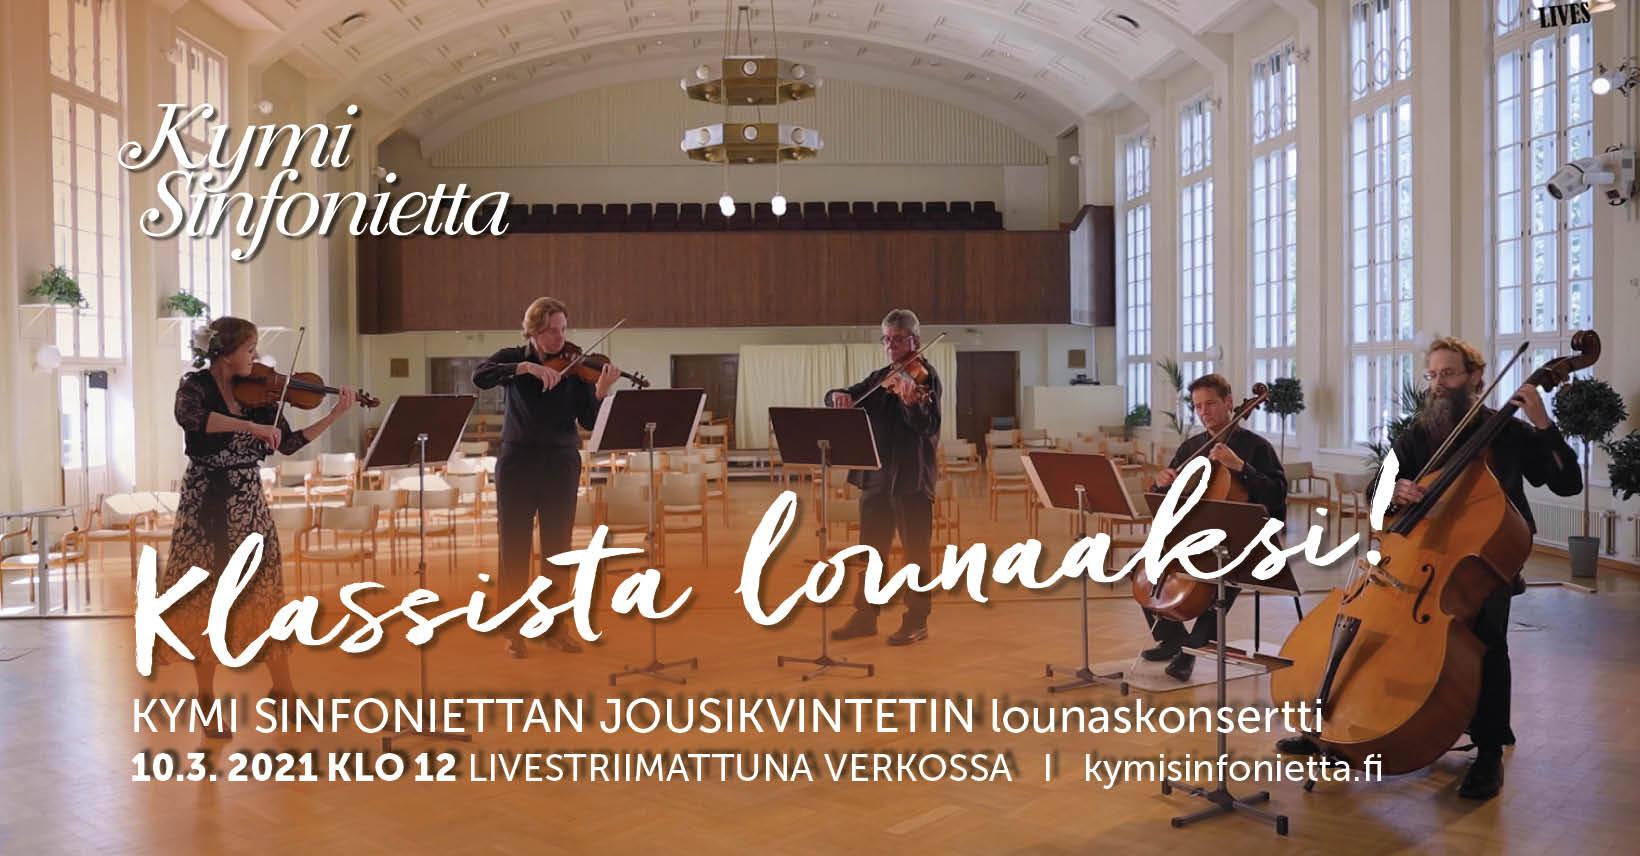 Kymi Sinfonietta: Jousikvintetin lounaskonsertti livestriimattuna